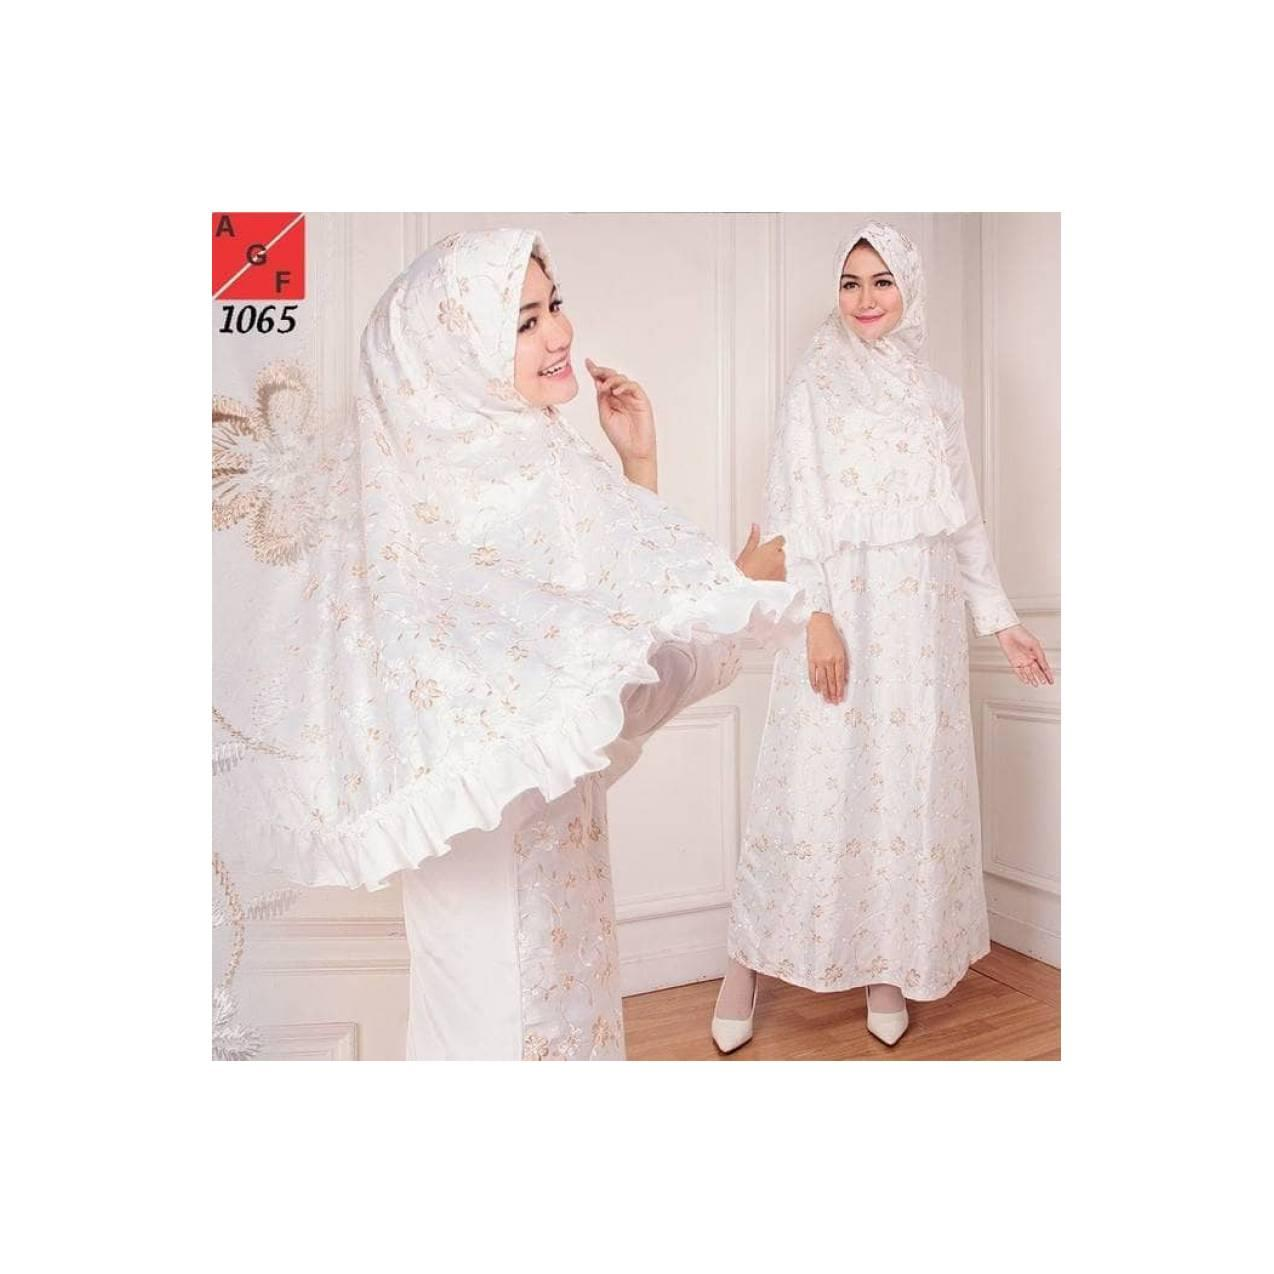 Baju Gamis Putih Gamis umroh Baju Haji Baju muslim wanita Baju manasik